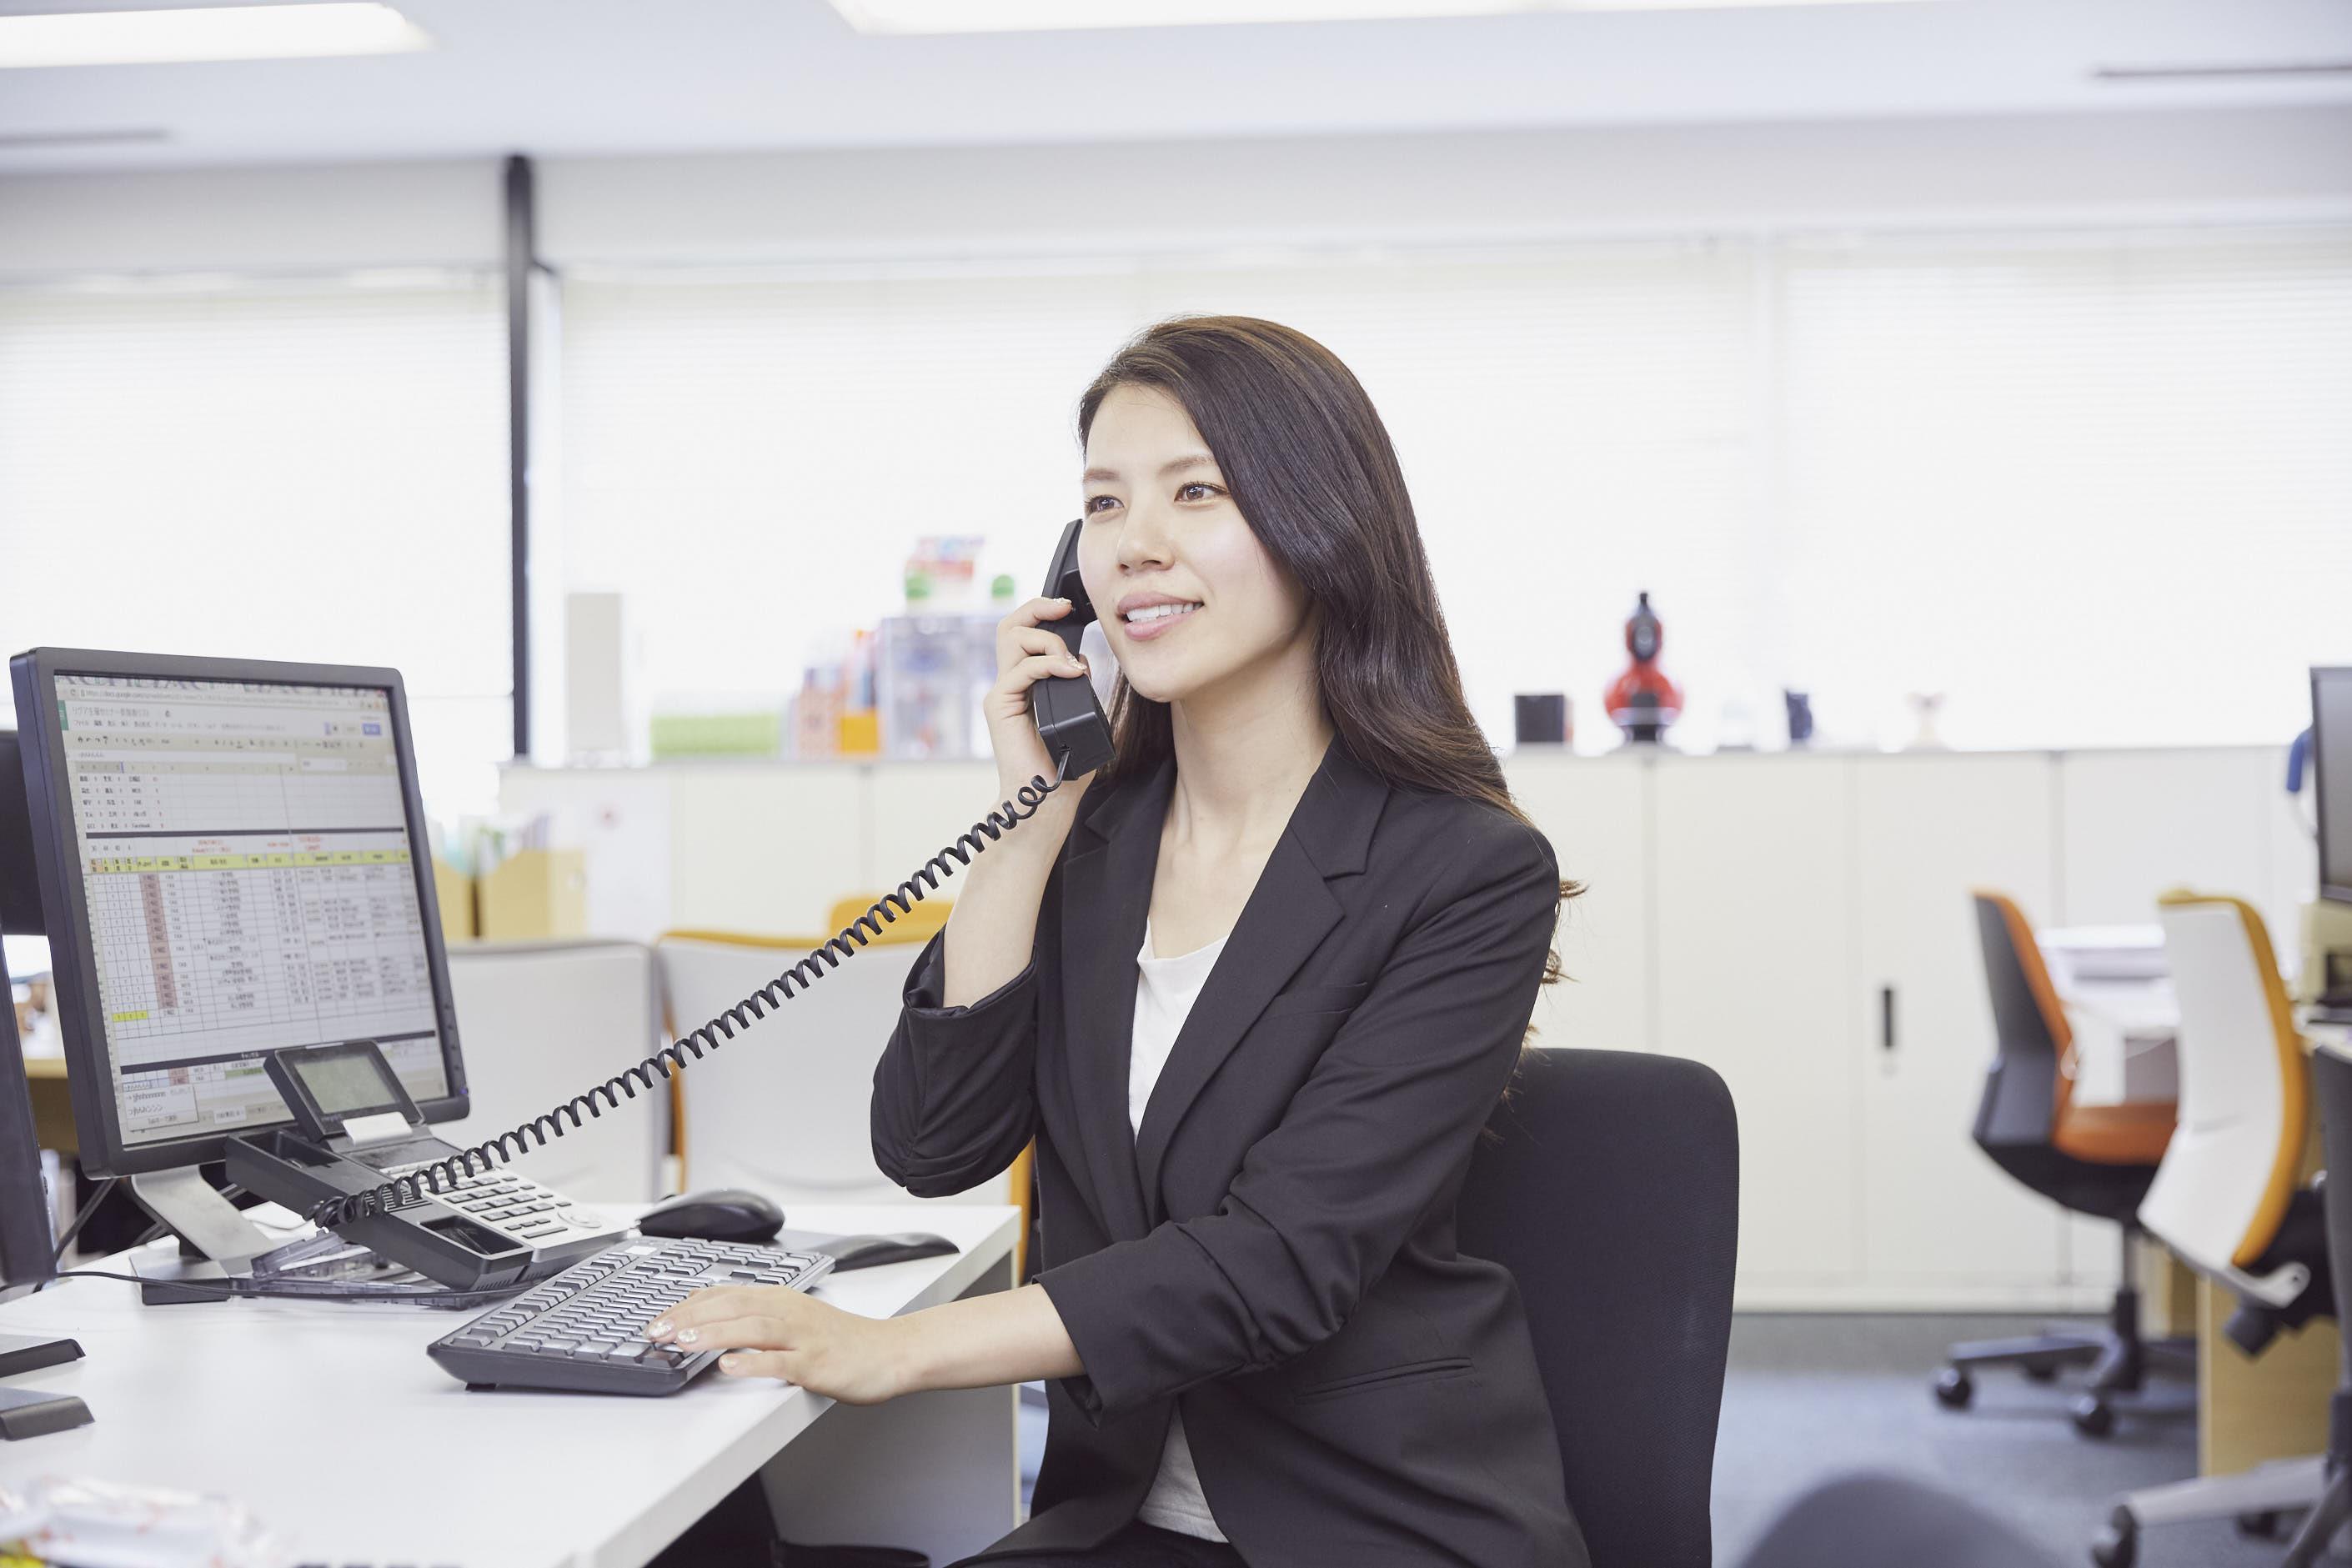 株式会社リグア 本社 採用アシスタント業務のアルバイト情報